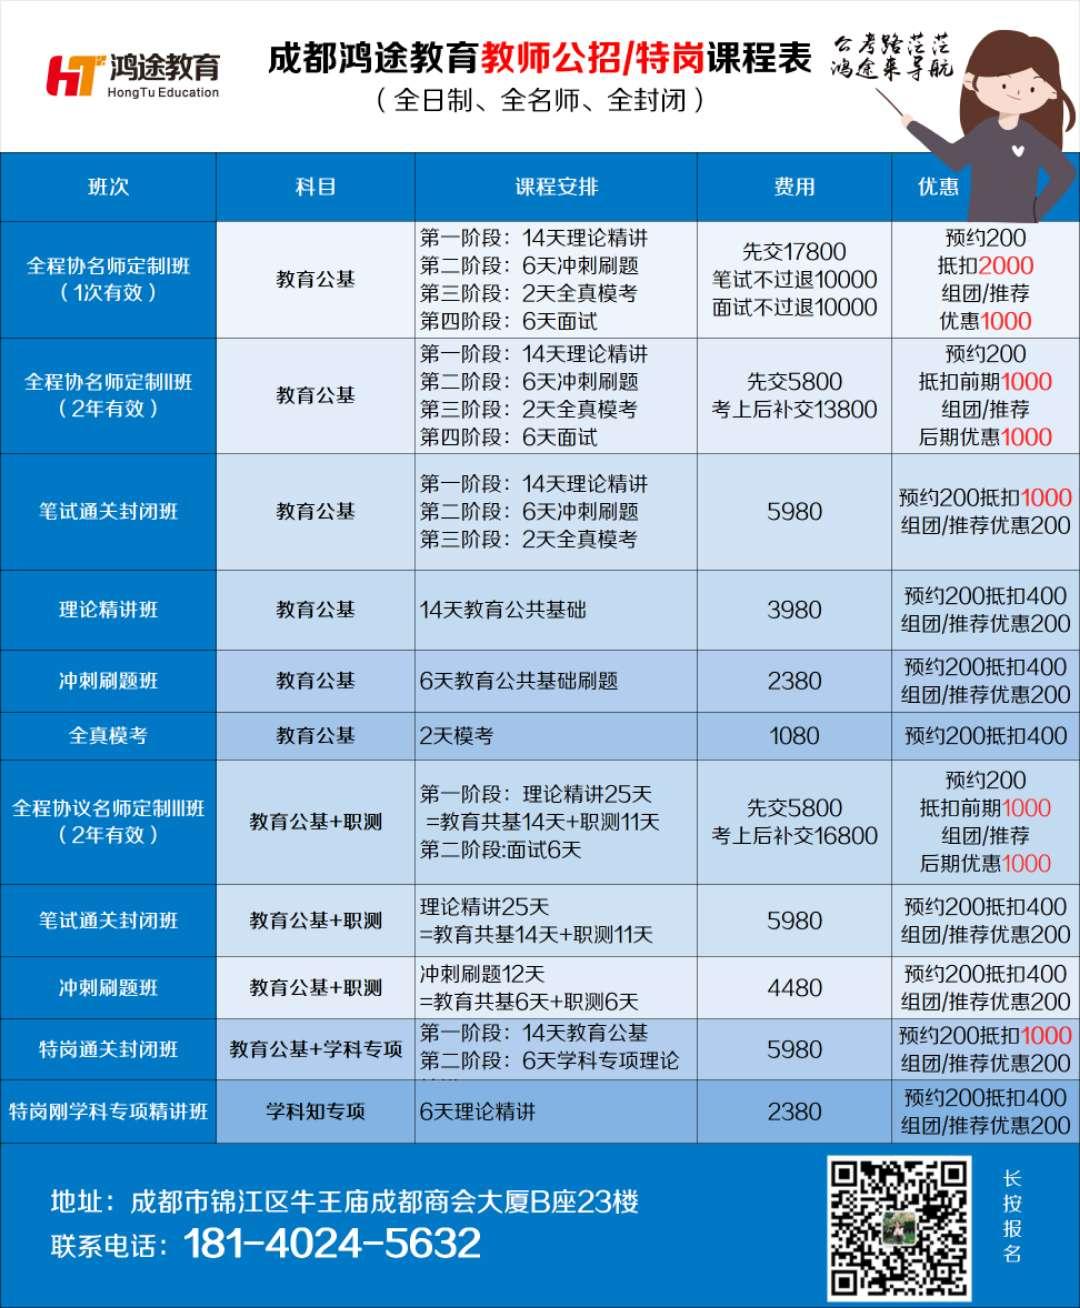 2020年成都市青白江區招聘28名中小學教師公告(6月1-5日報名)